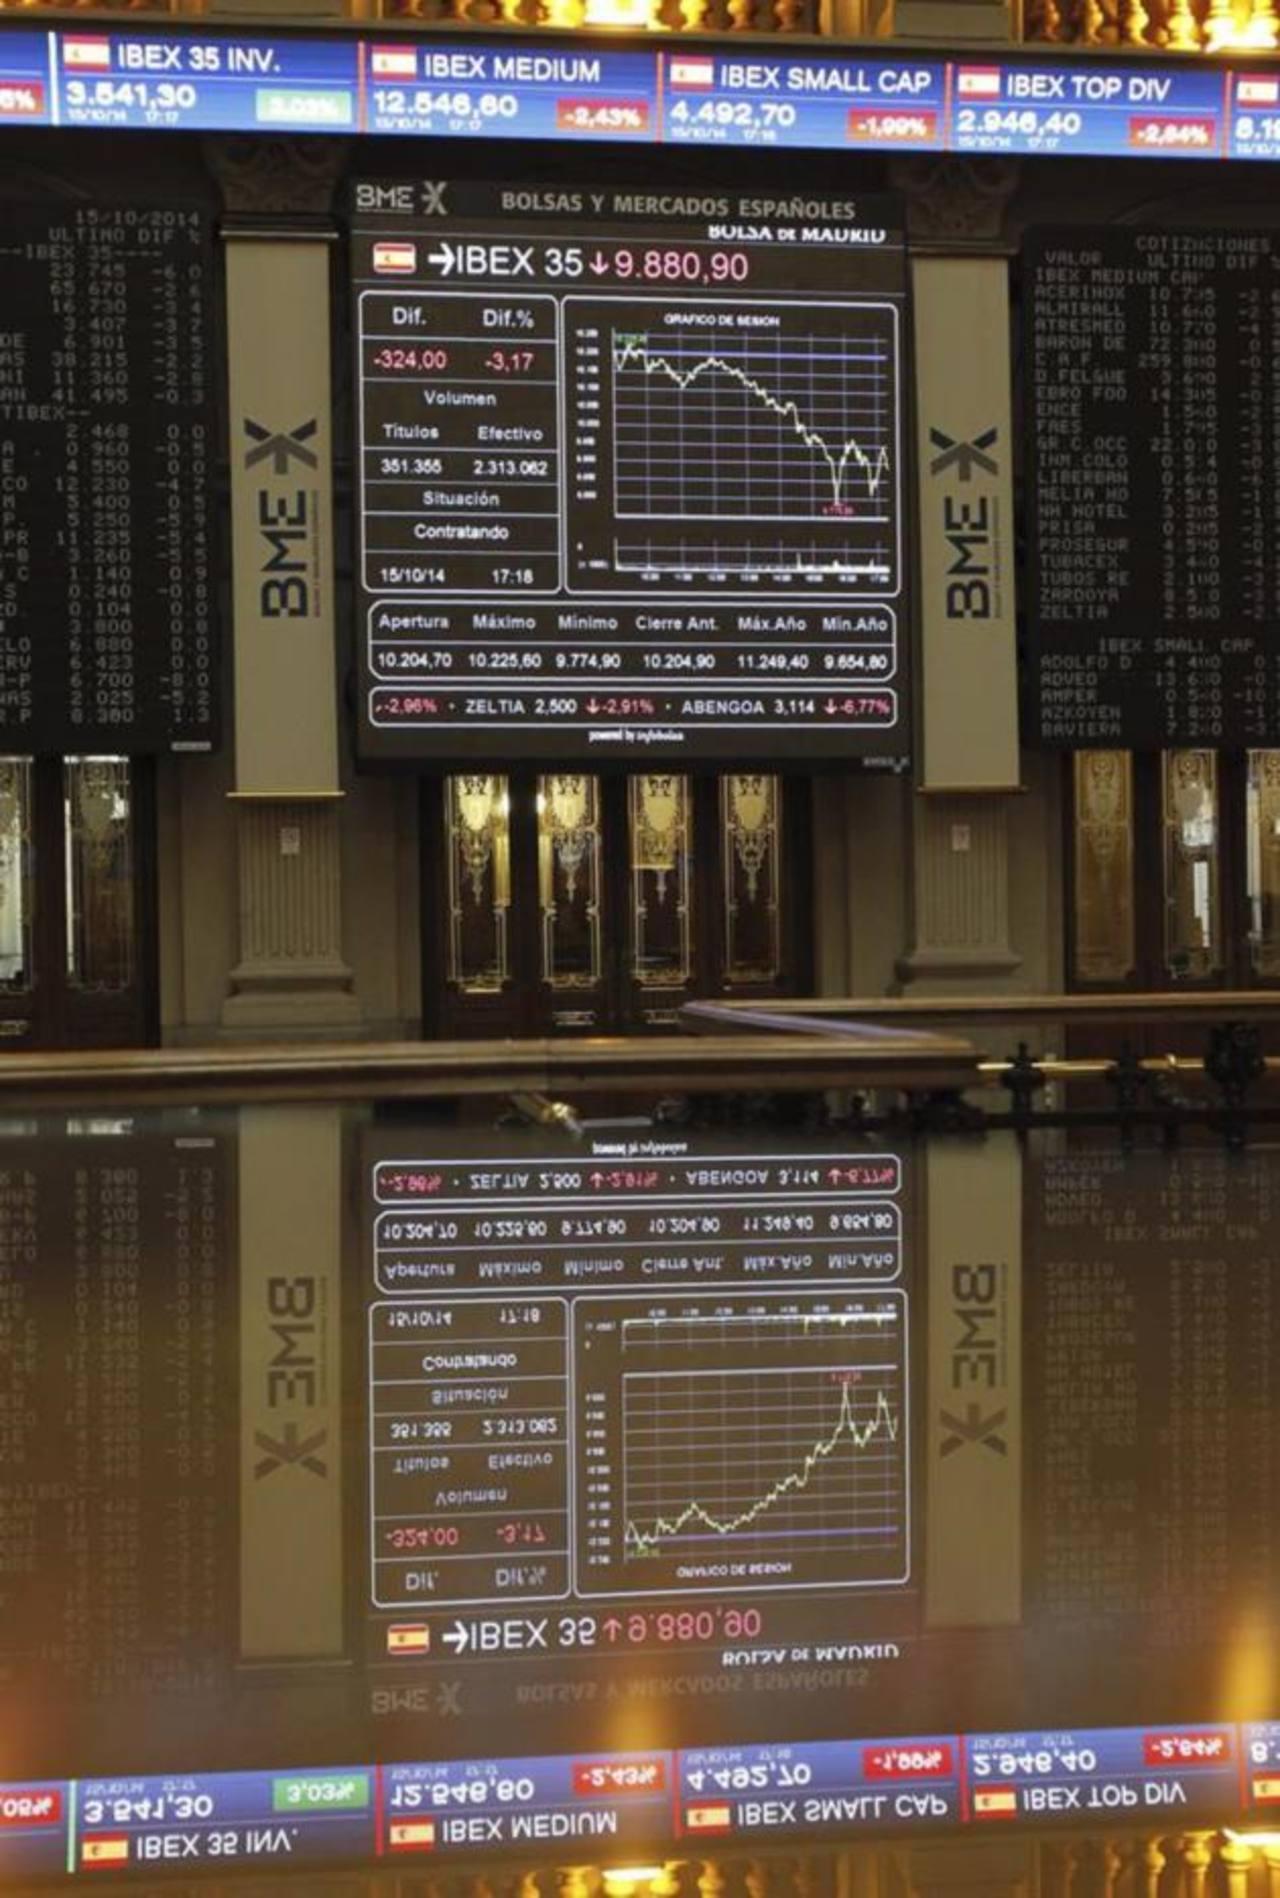 La bolsa española sufrió hoy una fuerte caída y su índice IBEX 35 perdió un 3,59 % o 366,40 enteros, hasta 9.838,50 puntos, arrastrada por el pánico desatado por el parqué de Atenas, que provocó una oleada de ventas en toda Europa.